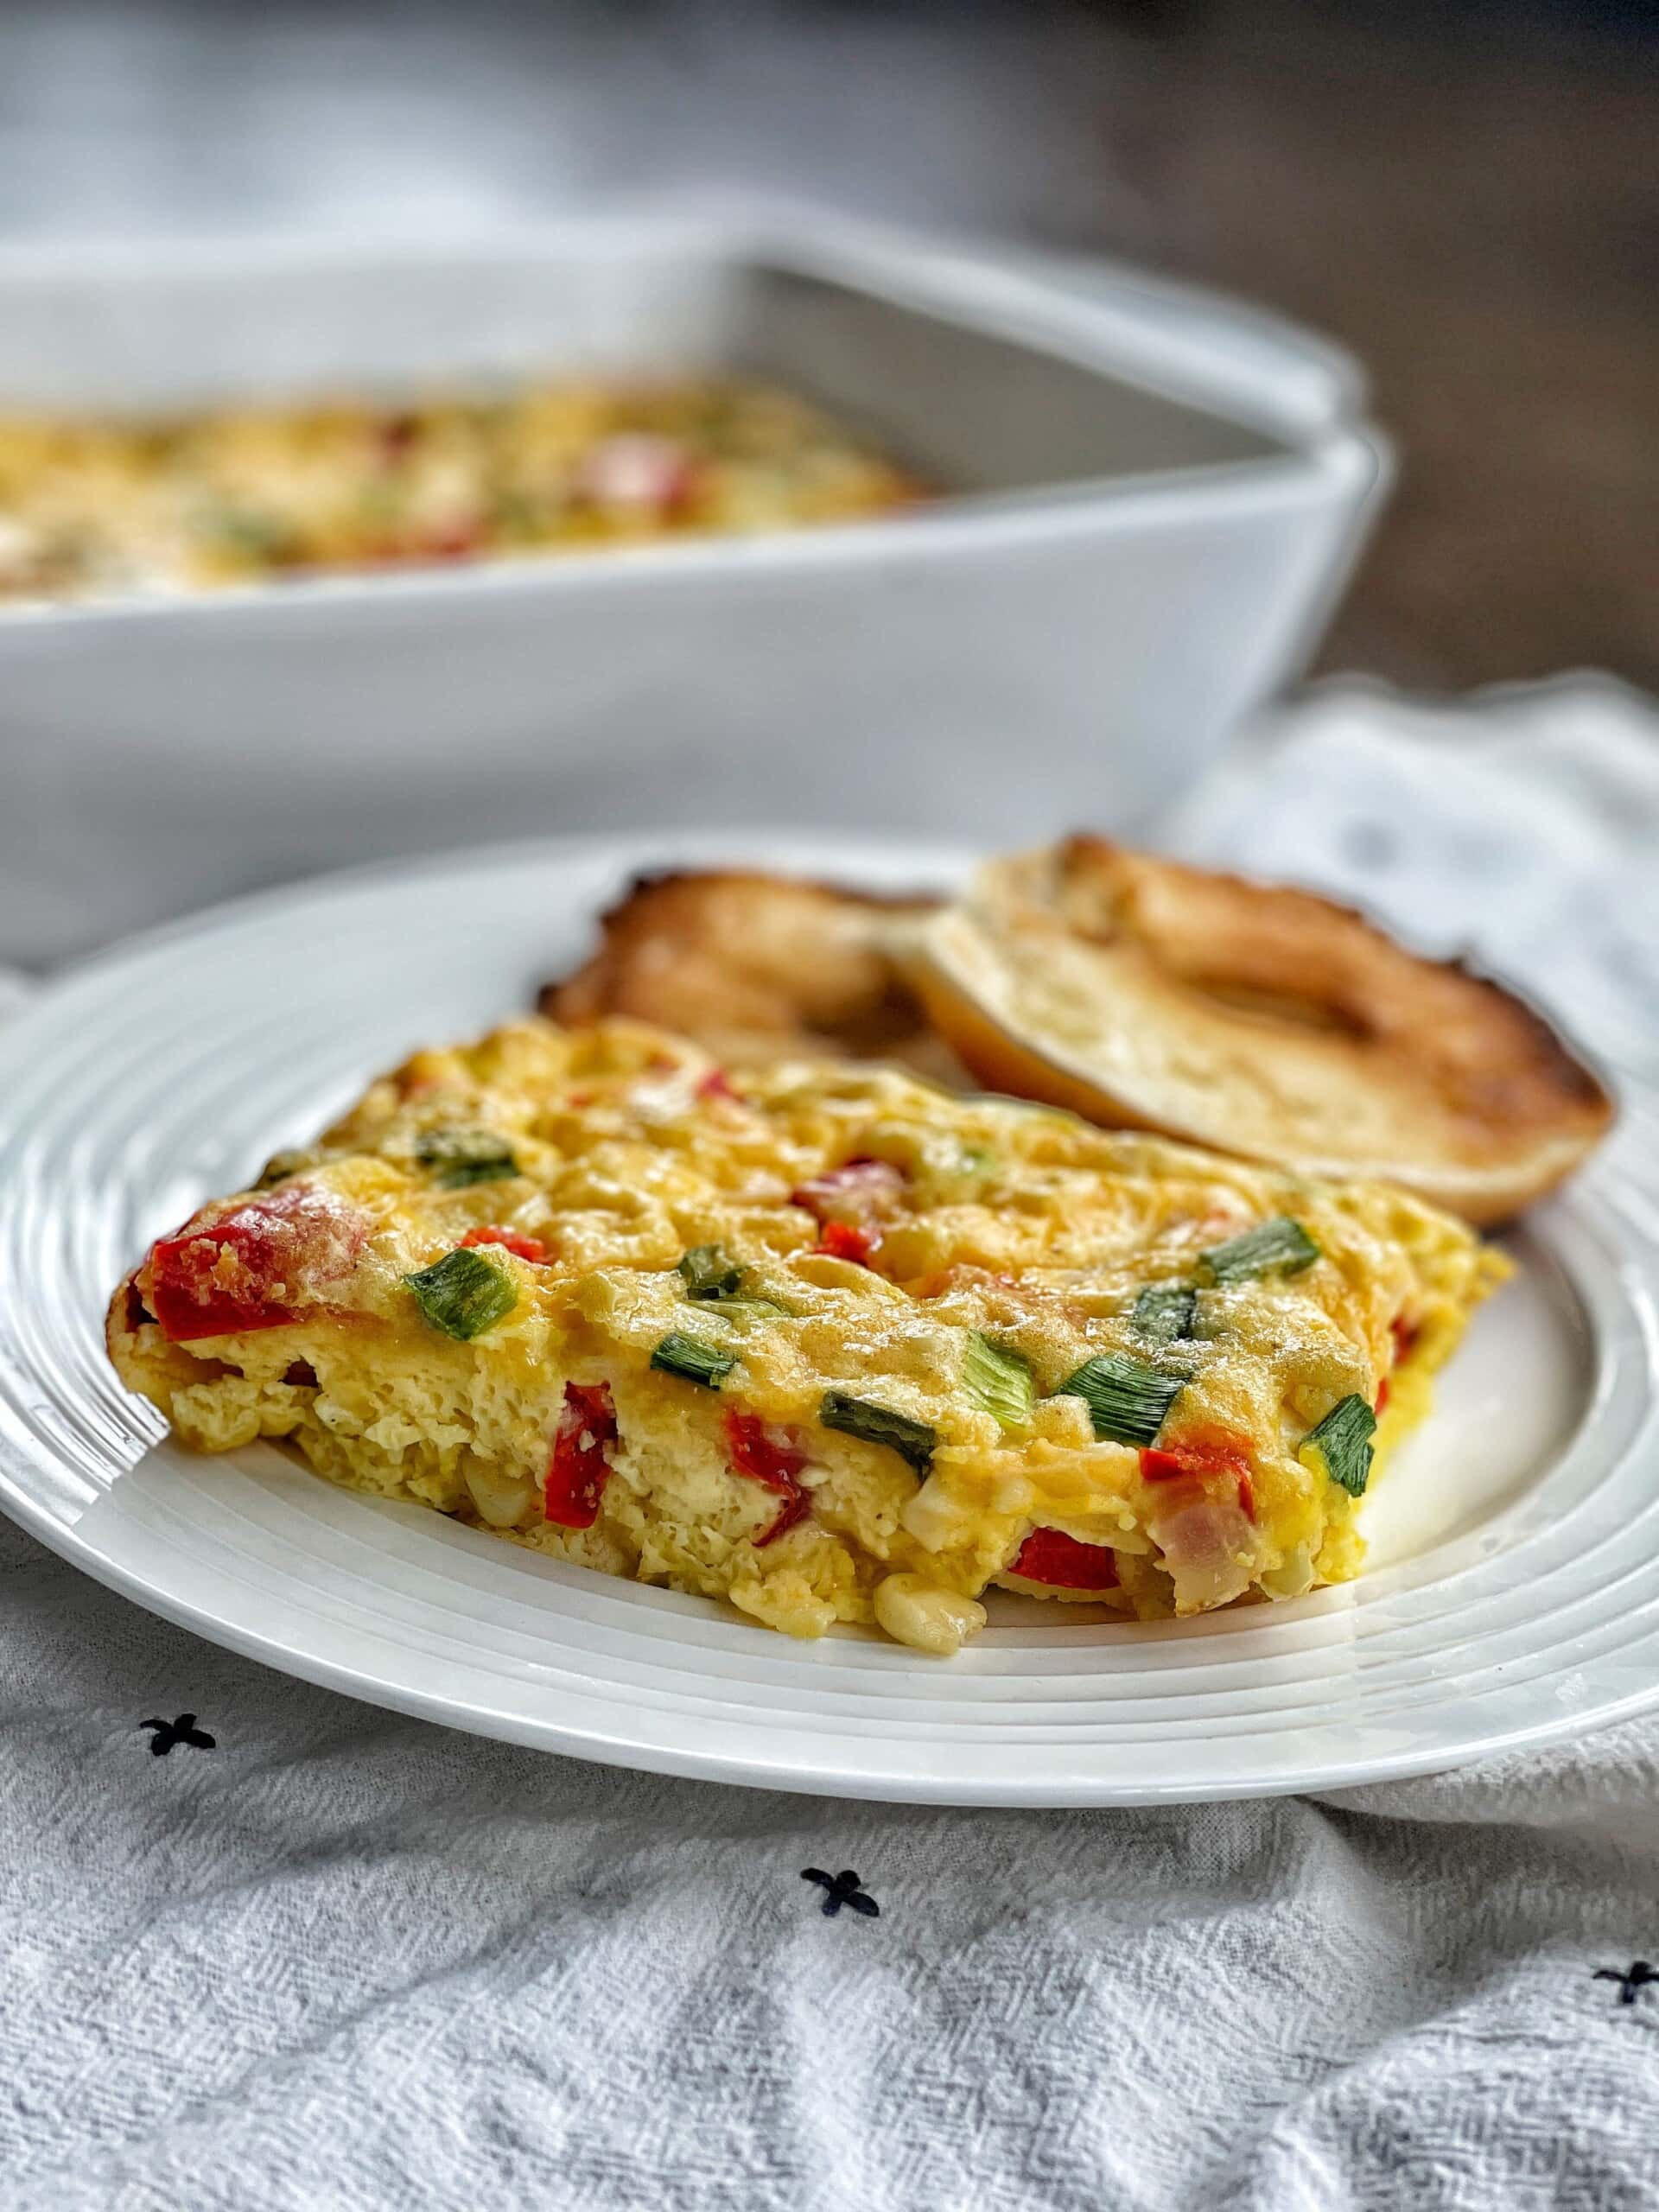 corn and cheddar egg bake